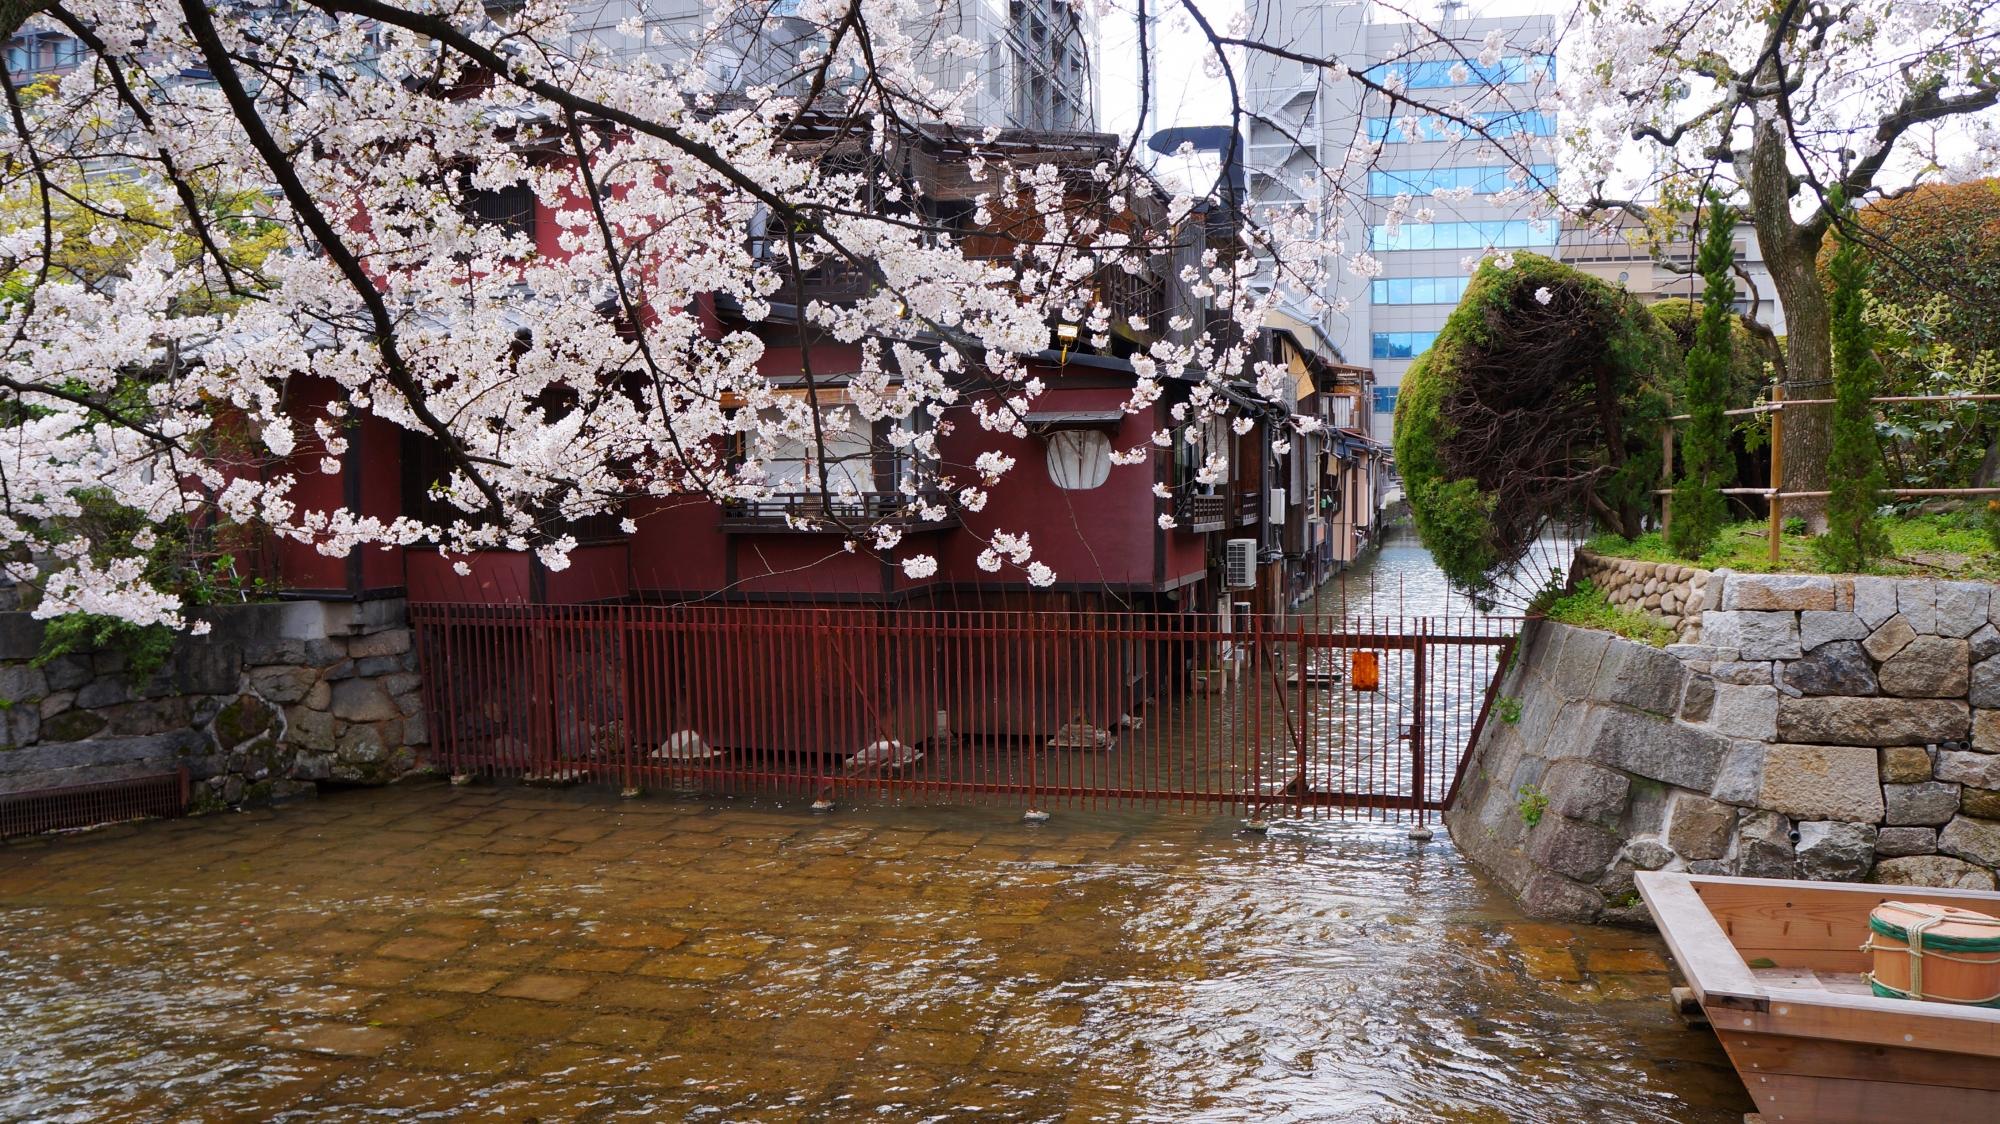 高瀬川が建物沿いに流れる何とも情緒ある春の風景